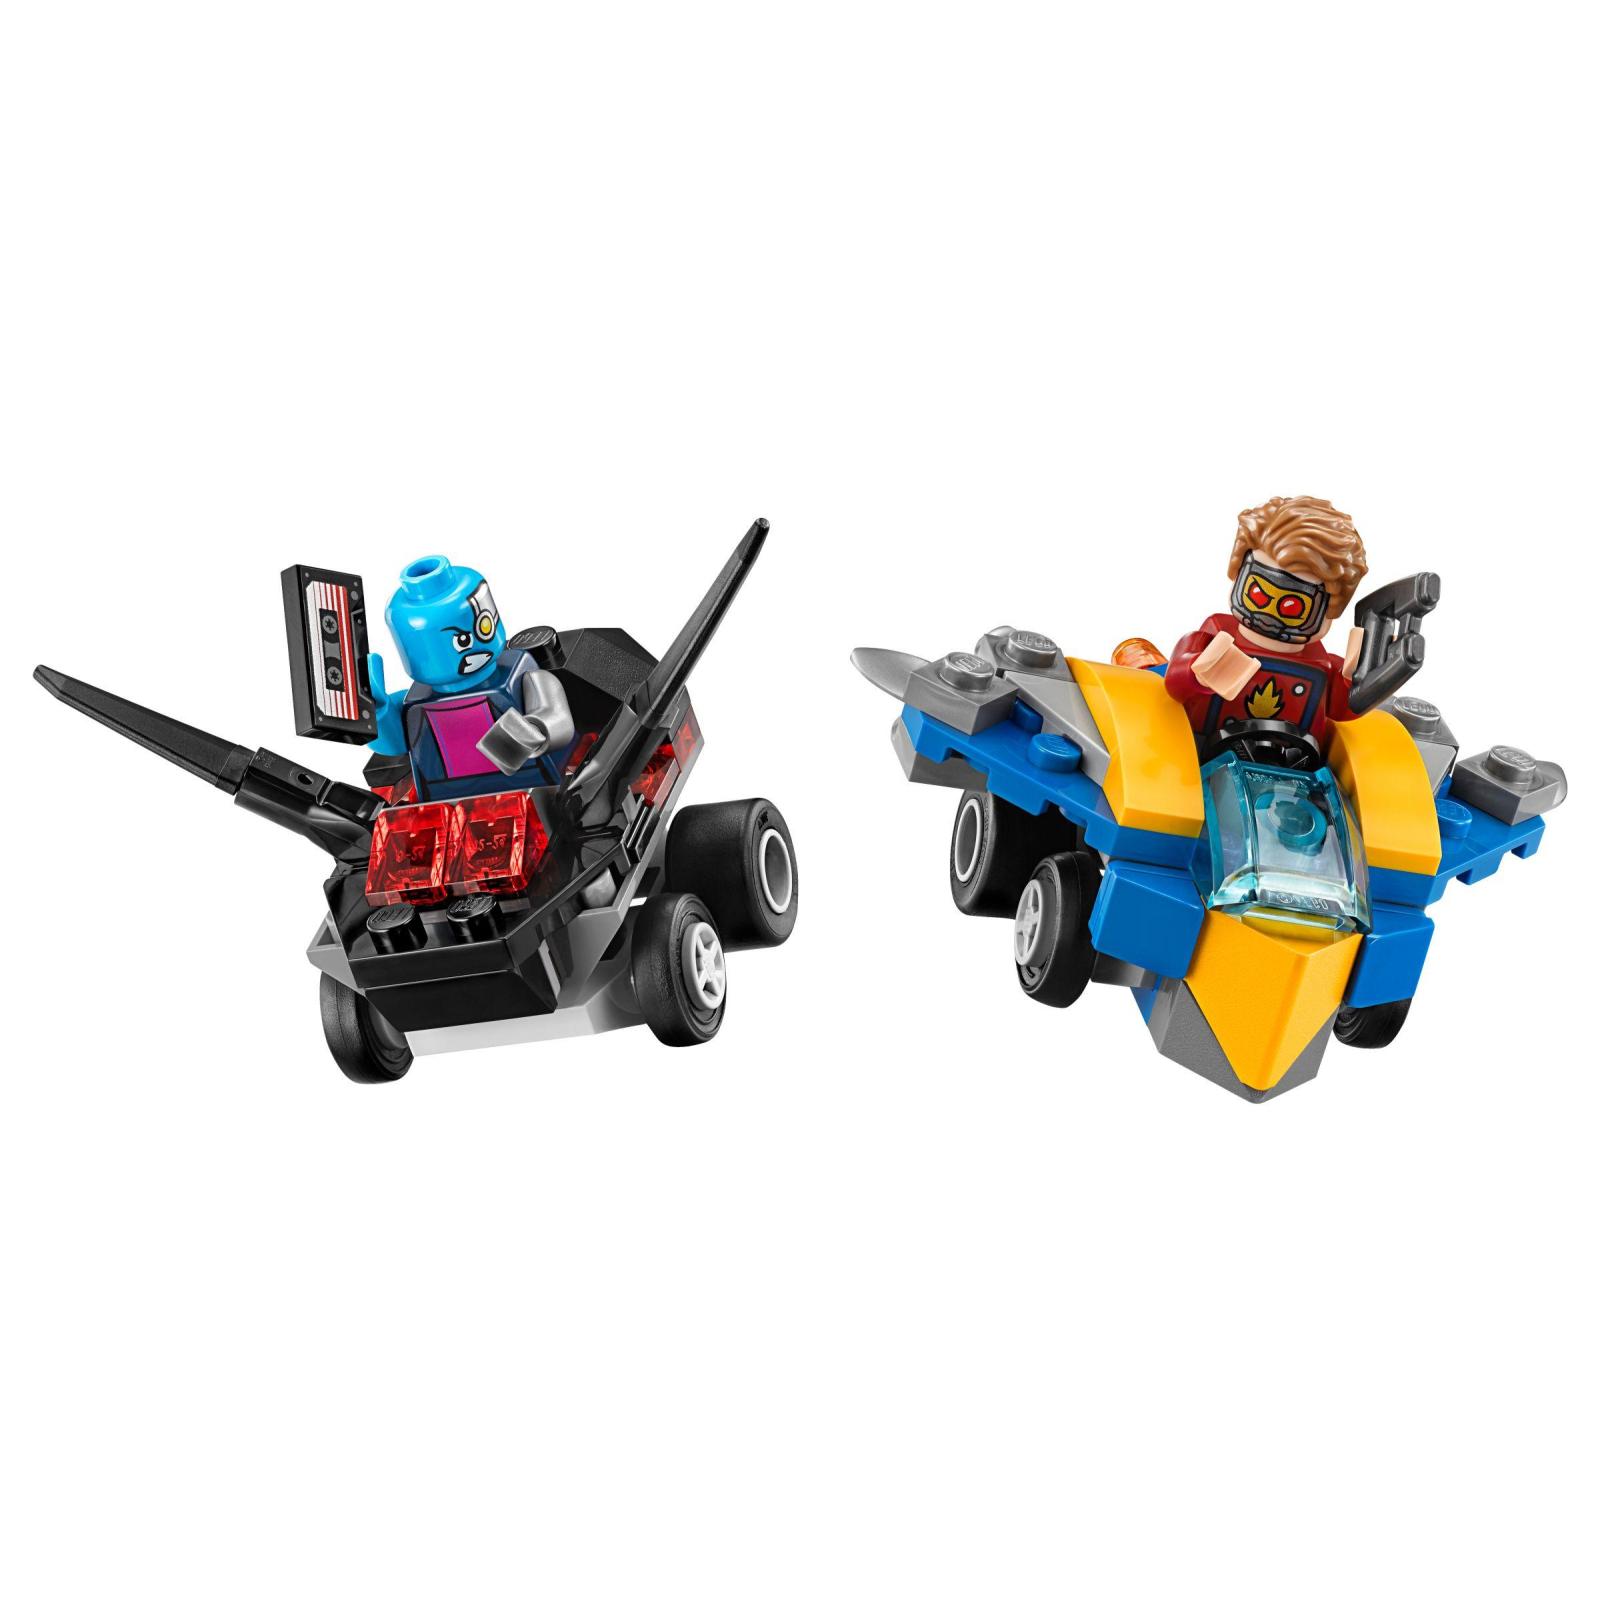 Конструктор LEGO Super Heroes Mighty Micros: Звездный лорд против Небулы (76090) изображение 2